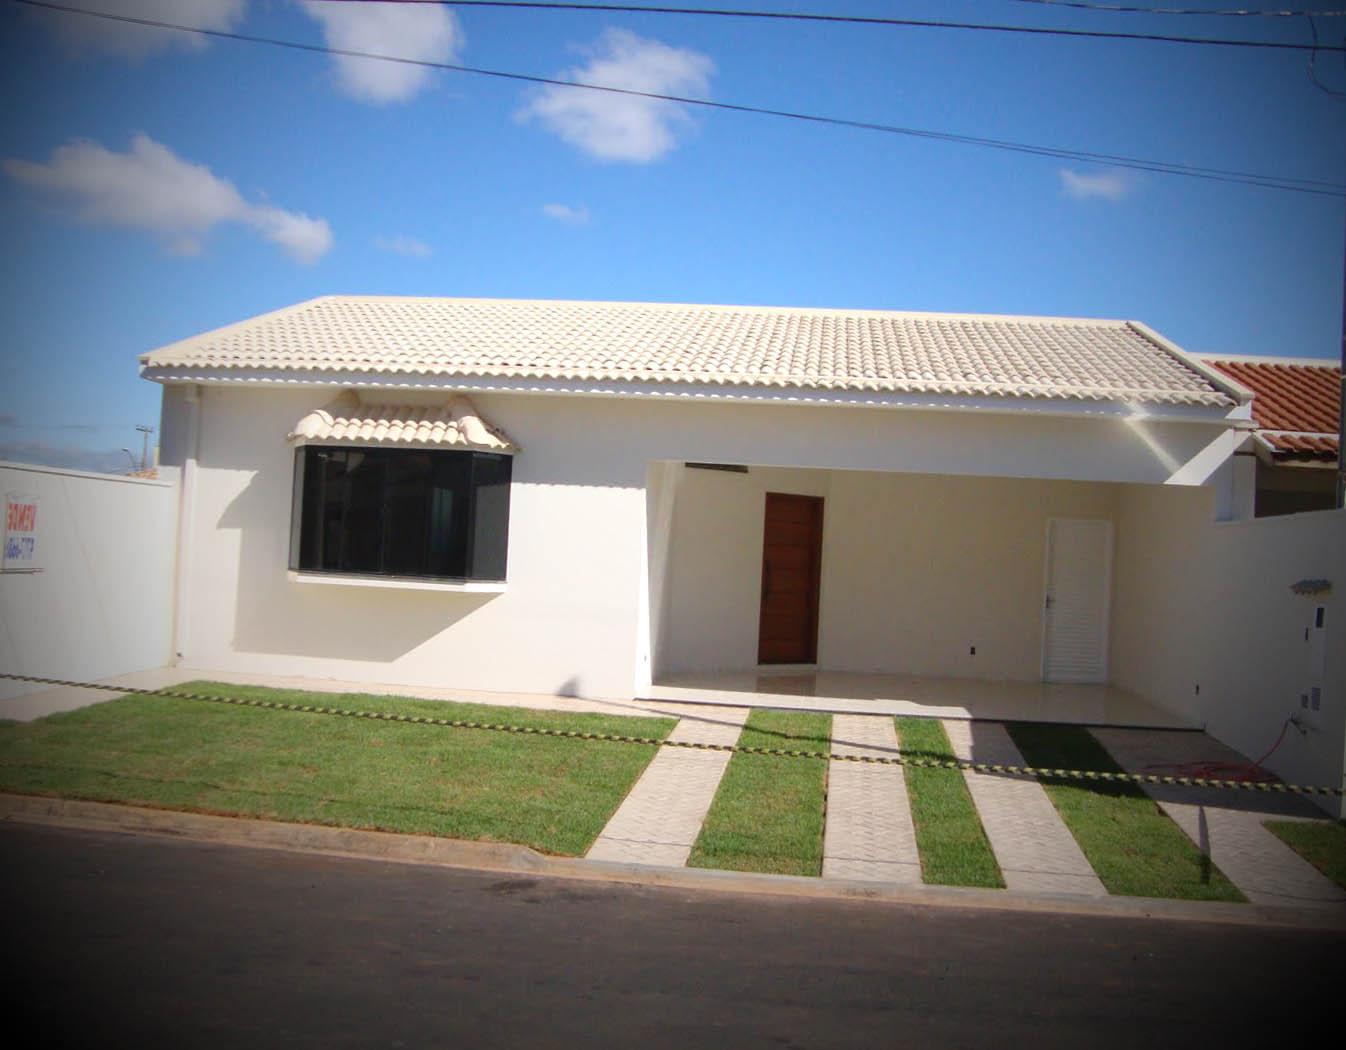 12 fachadas de casas pequenas for Fachadas de viviendas pequenas